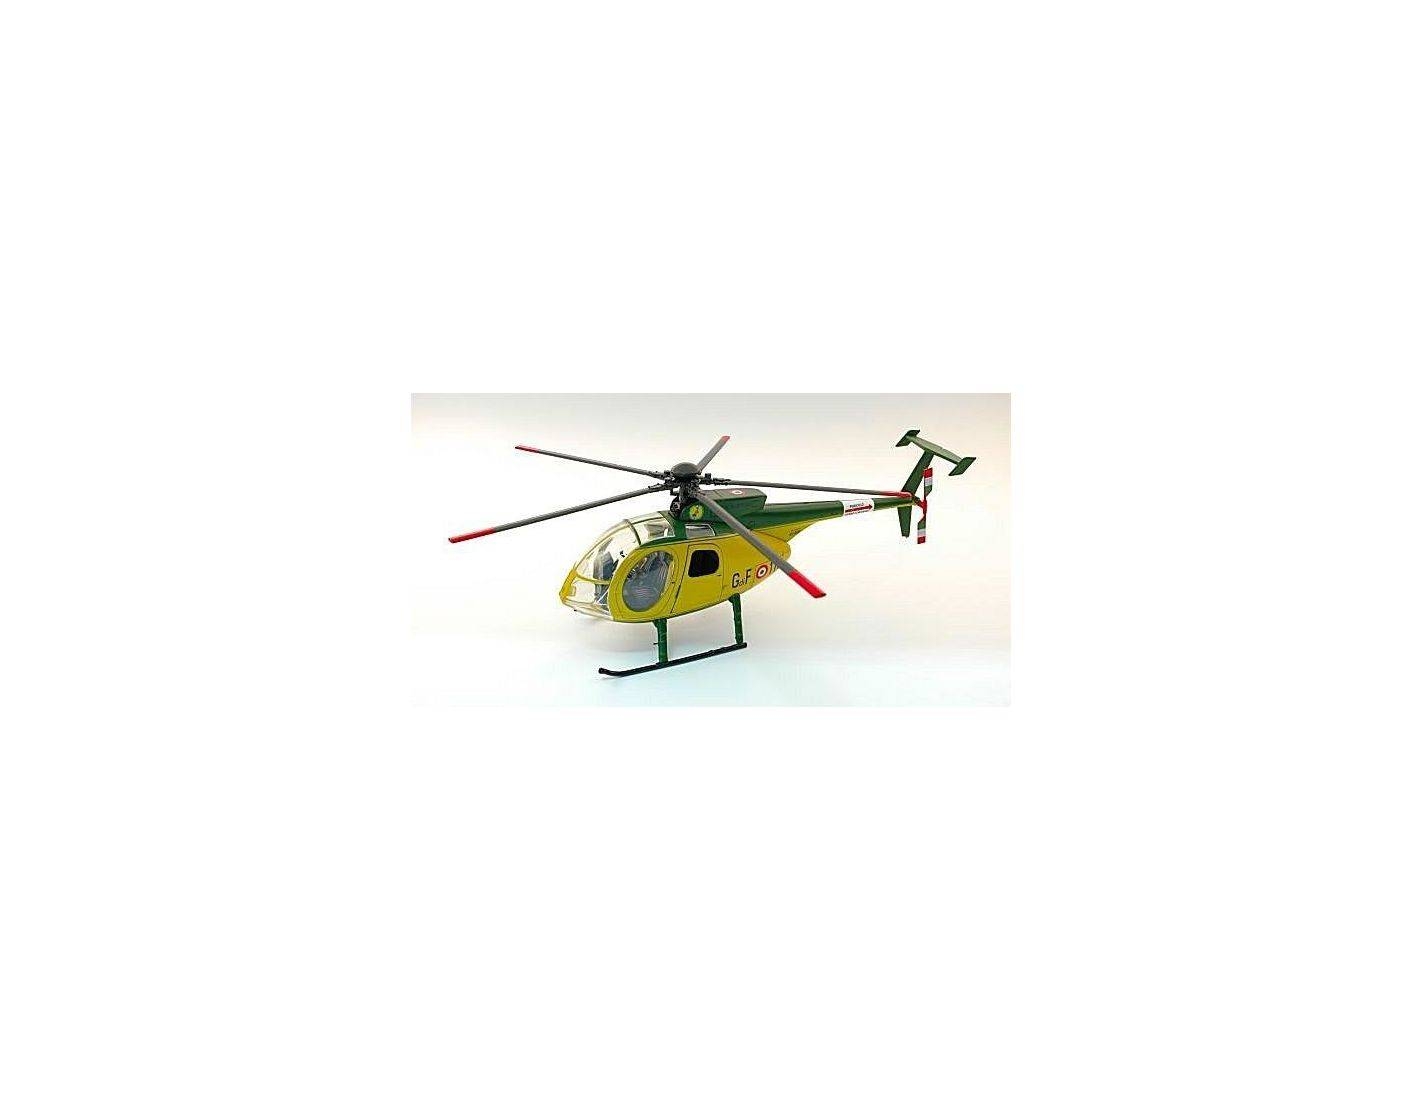 Elicottero 1 32 : New ray ny elicottero nh guardia di finanza